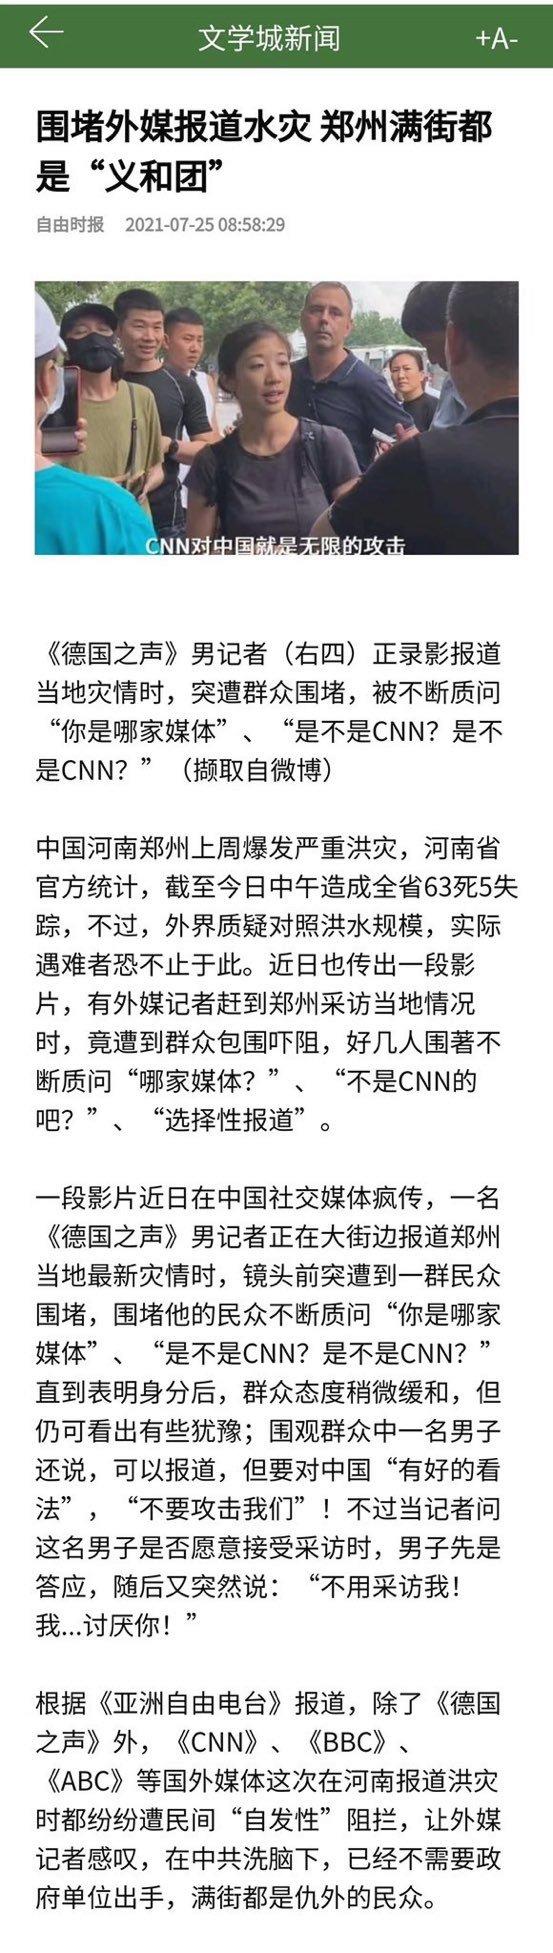 郑州民众围攻外媒记者,你想多了;这些黑衣人是国安和民警